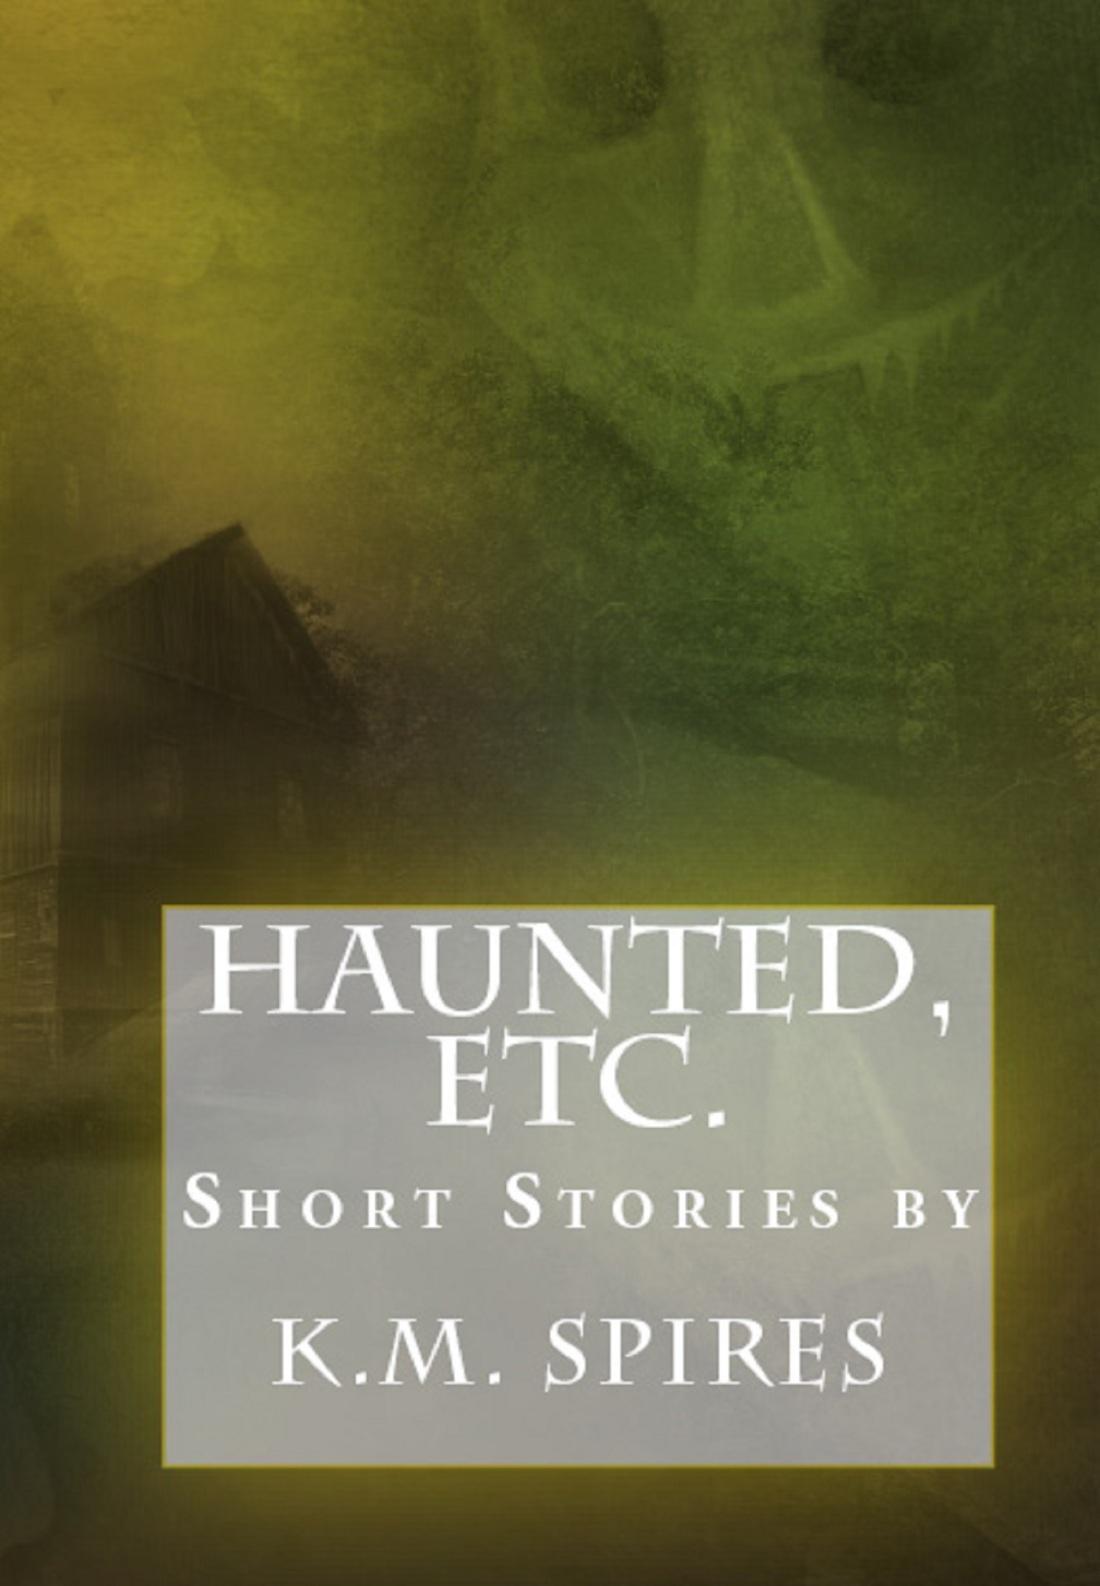 haunted-etc